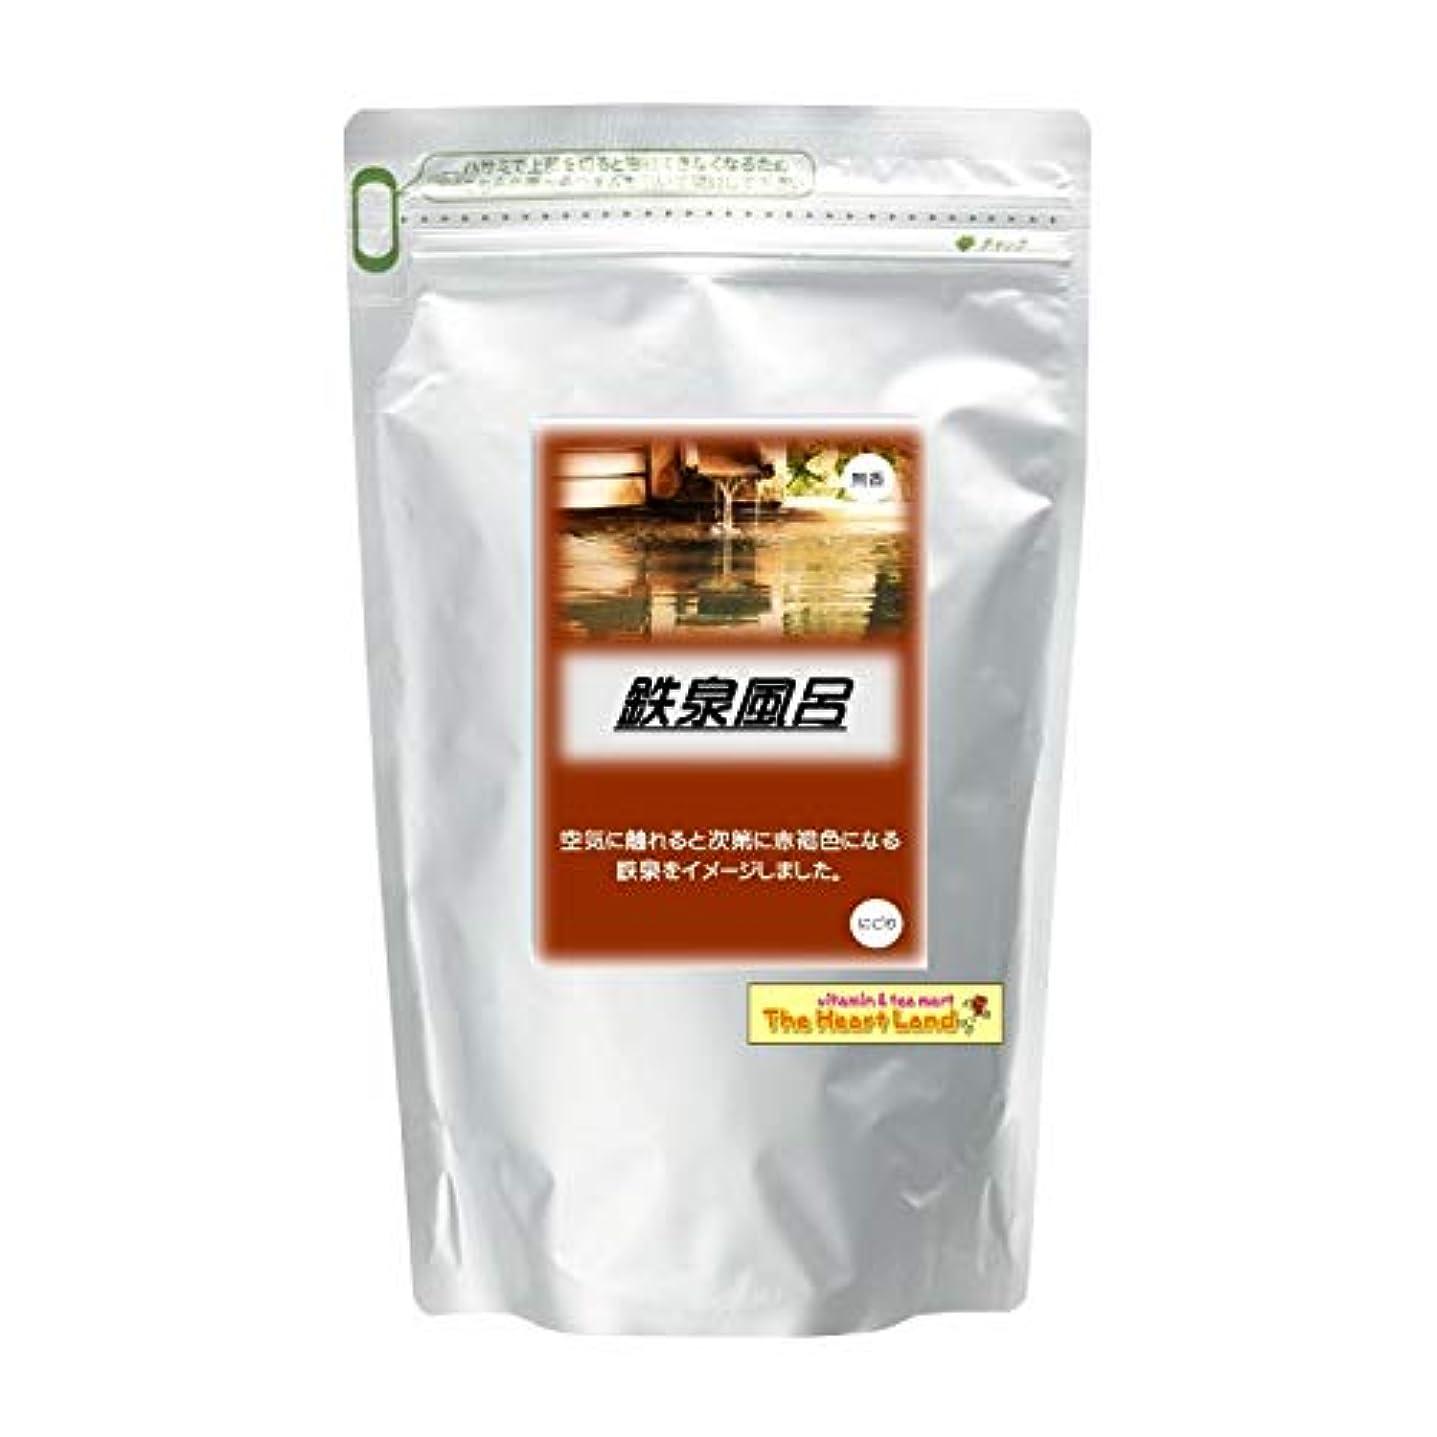 ささいな効能ある鼻アサヒ入浴剤 浴用入浴化粧品 鉄泉風呂 300g